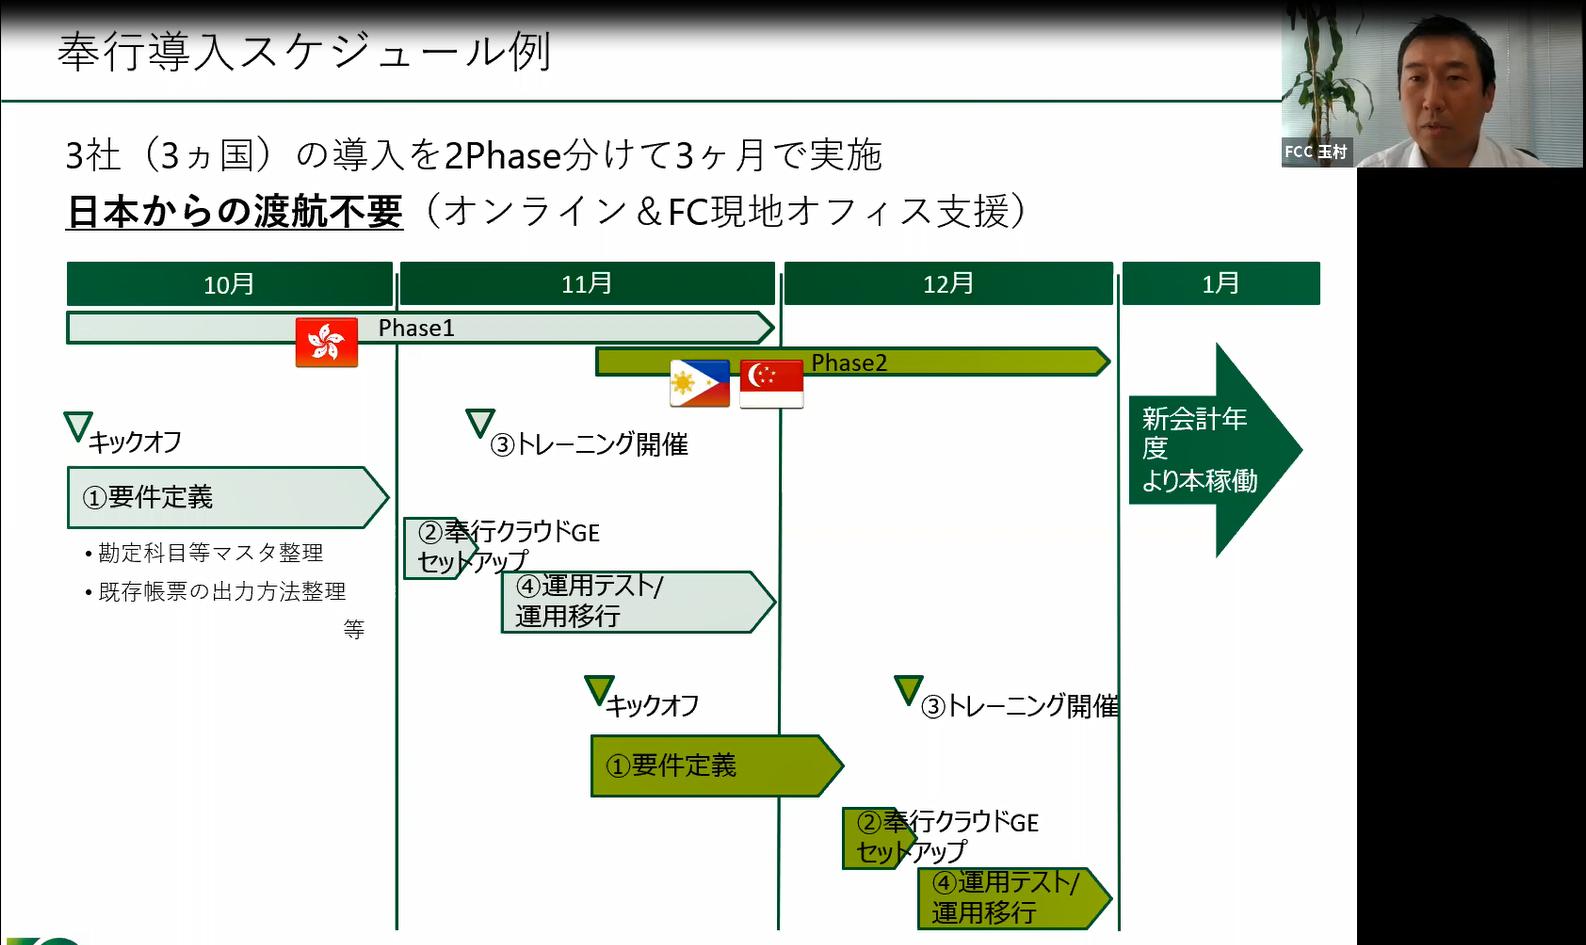 導入スケジュール例、3か国の導入を3か月で実施。渡航も不要。